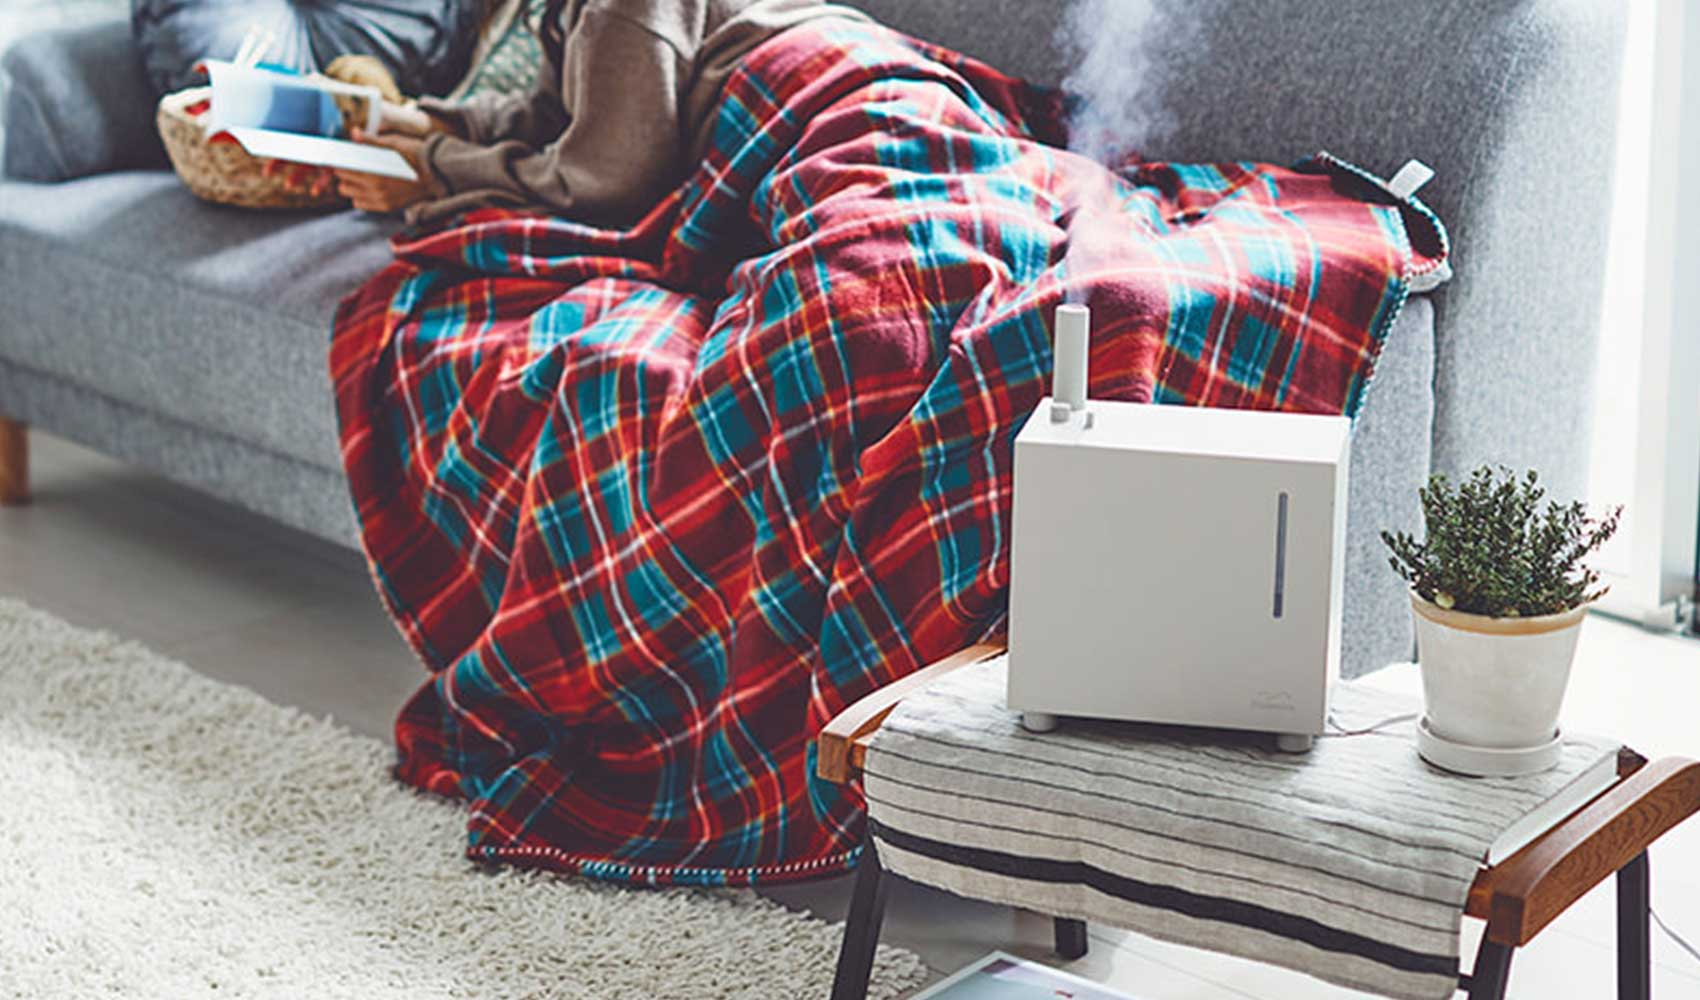 乾燥を防いで健康的に!オシャレな加湿器オススメ11選!自宅やオフィス・店舗で使えるモデルをご紹介!